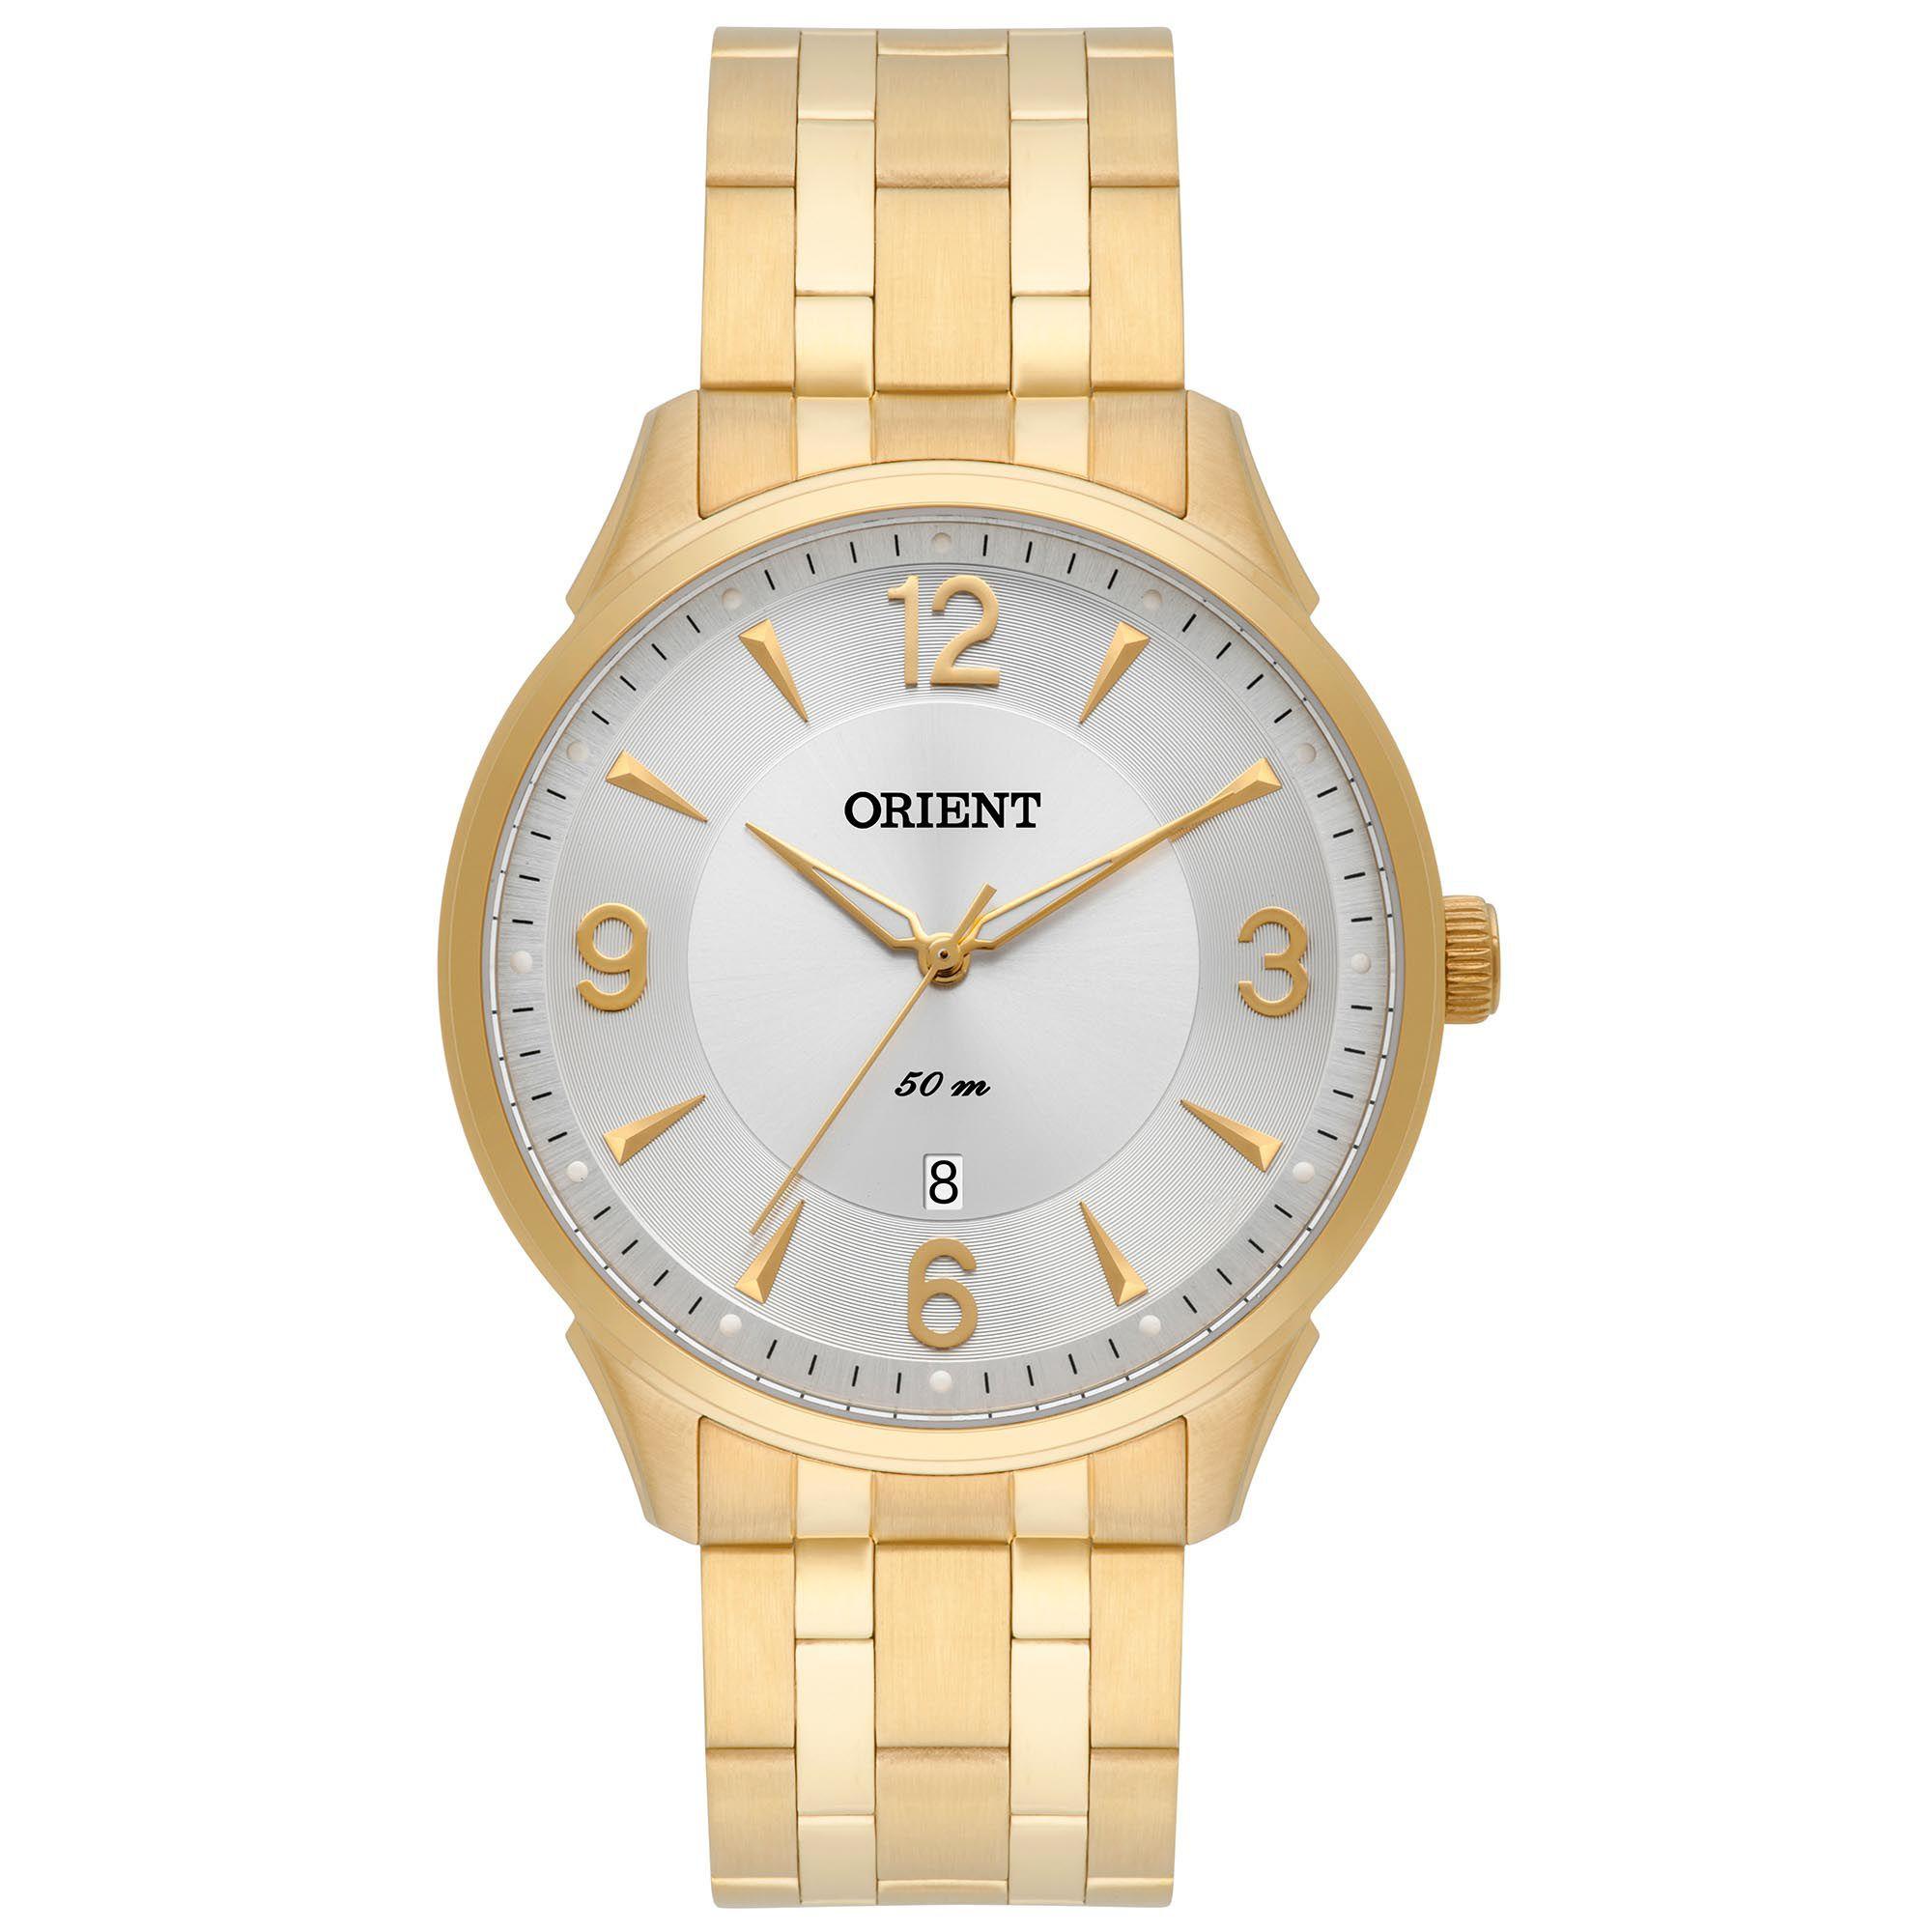 Relógio Masculino Orient MGSS1118 S2KX